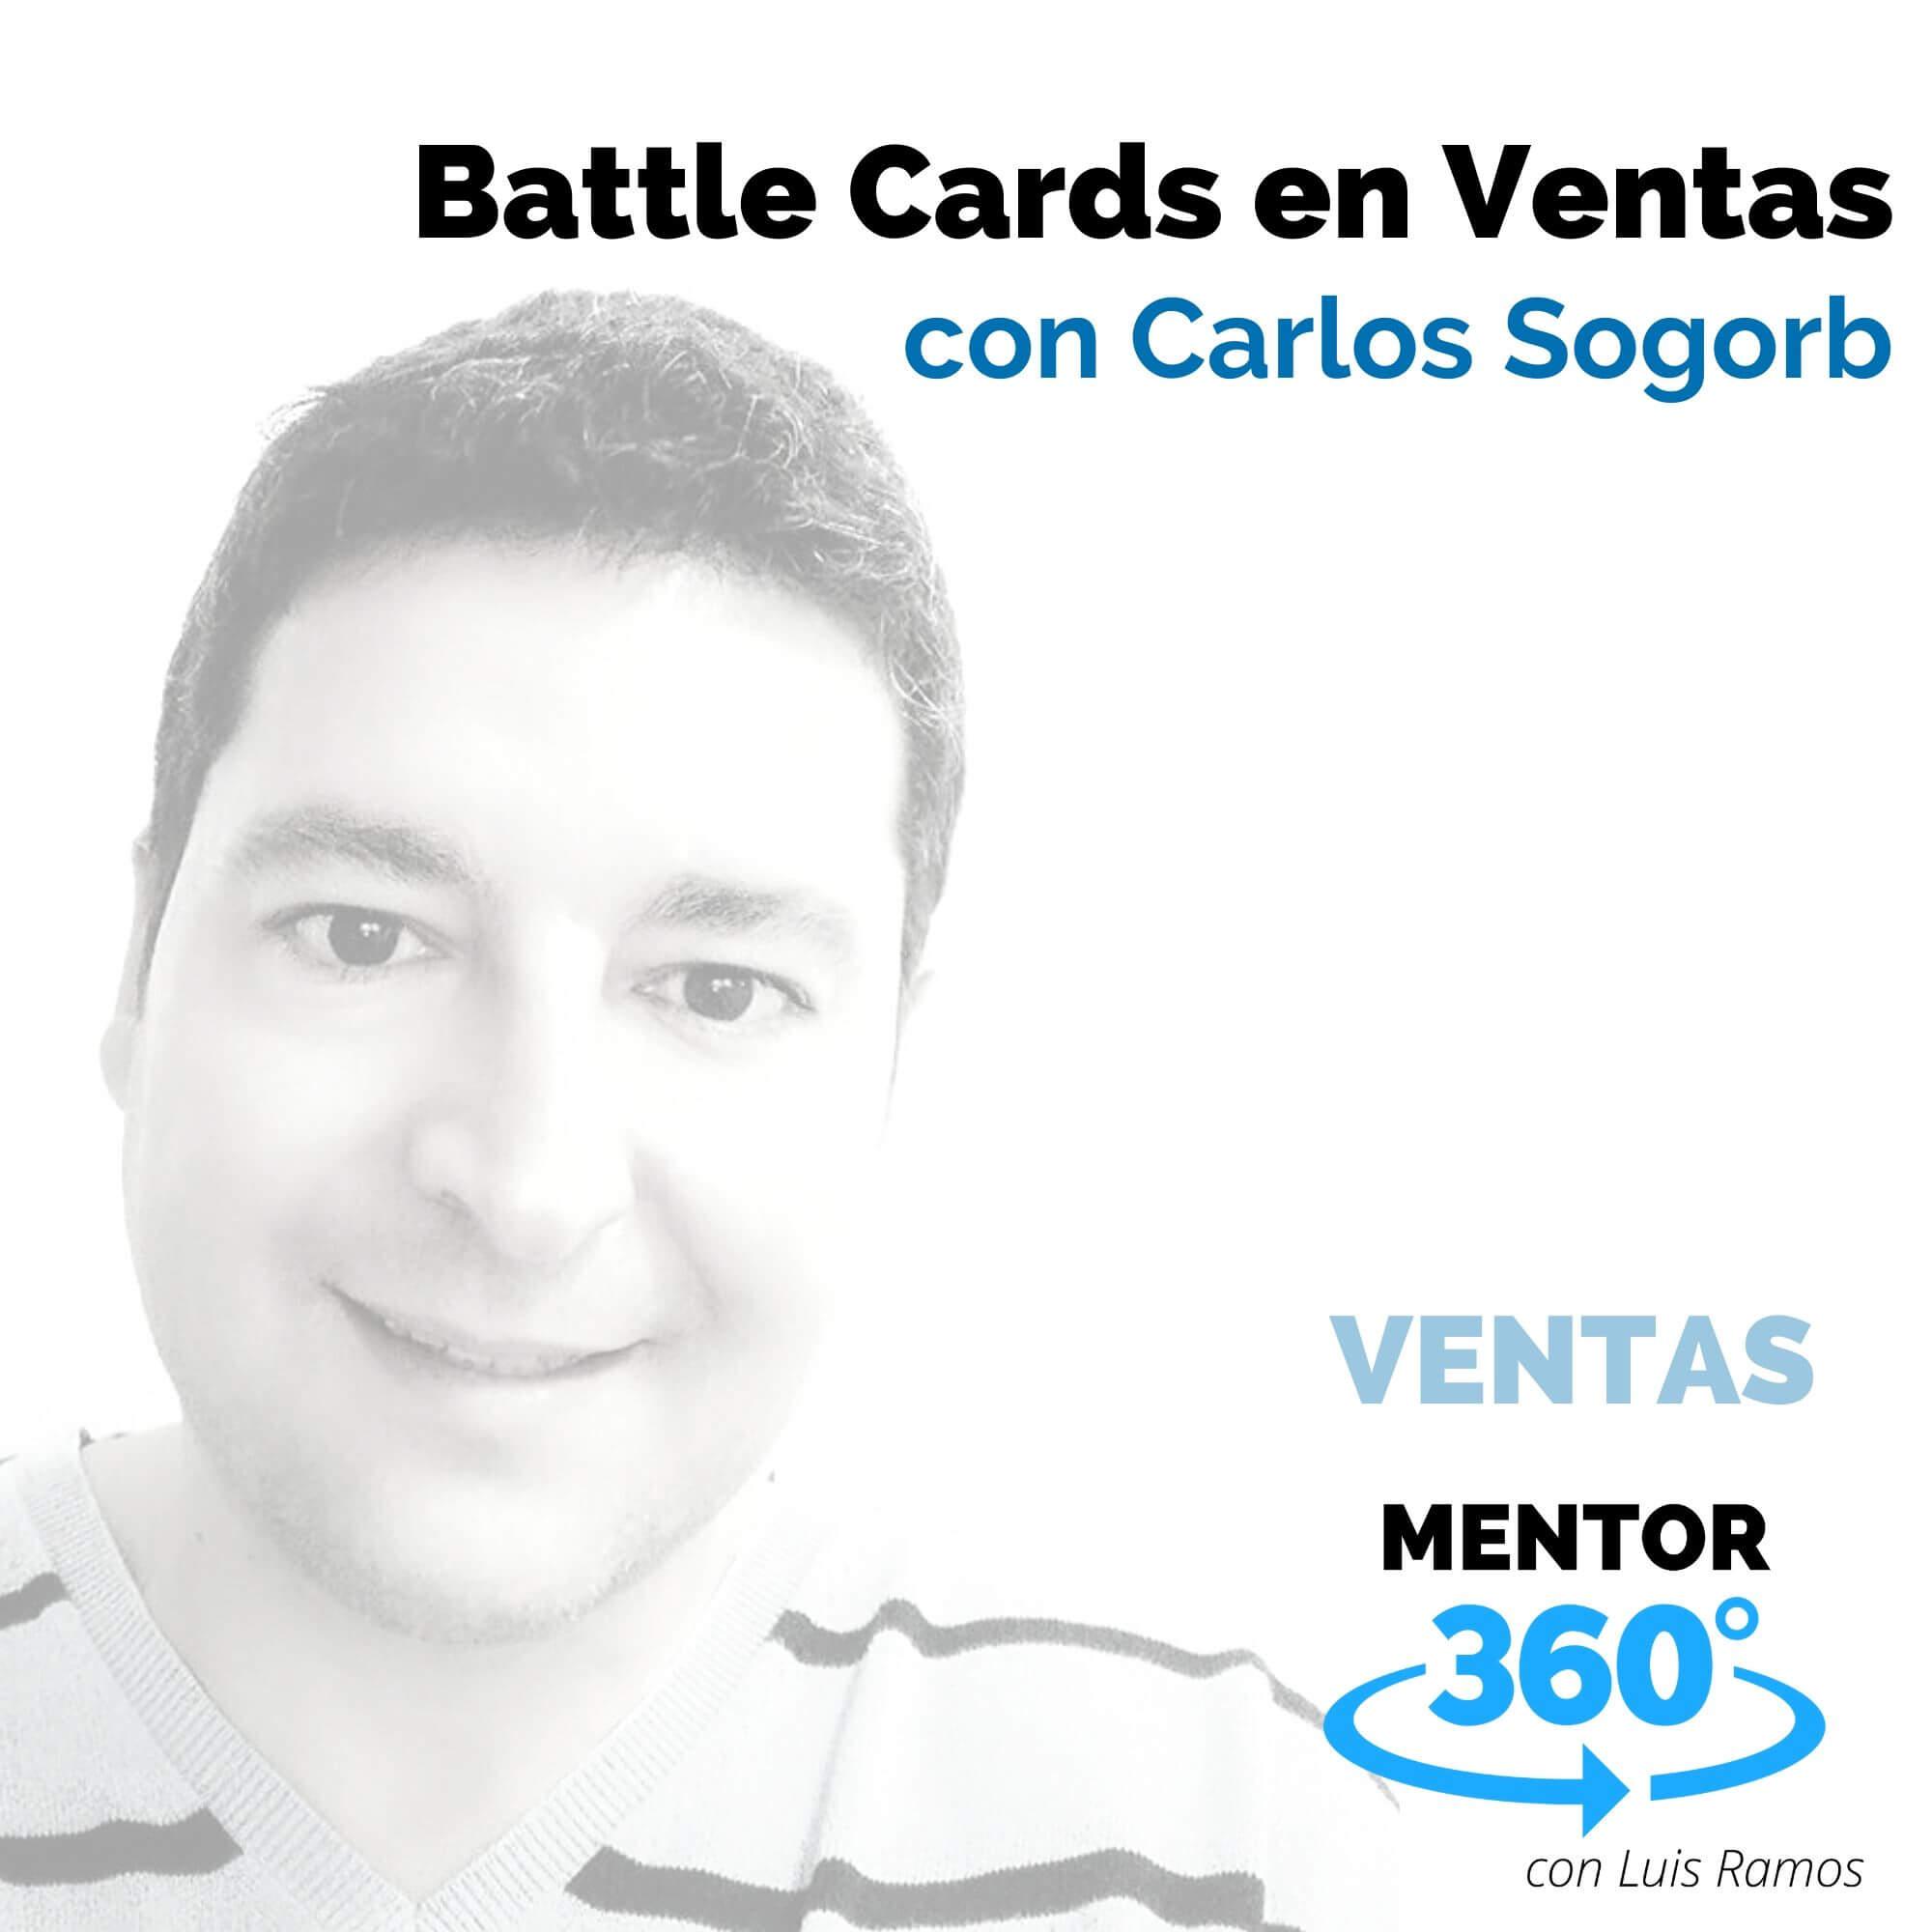 Battle Cards en Ventas, con Carlos Sogorb - VENTAS